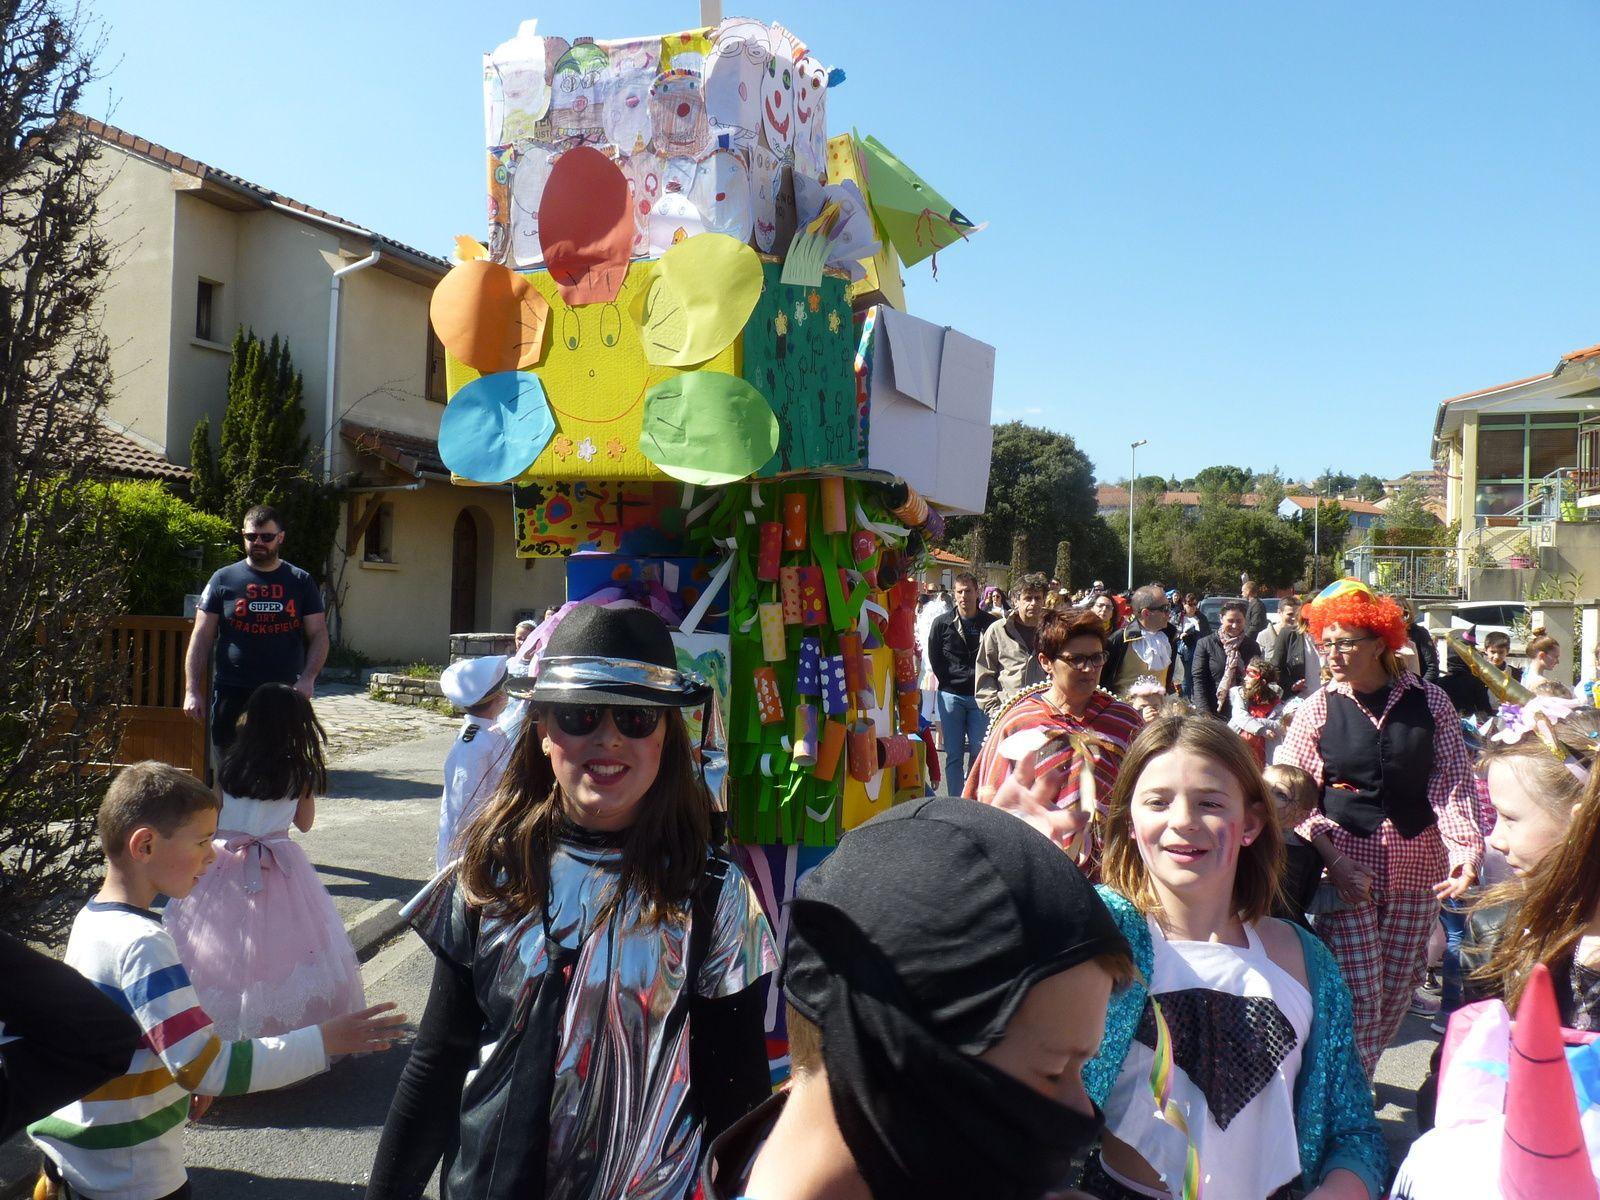 Carnaval du vendredi 29 mars 2019